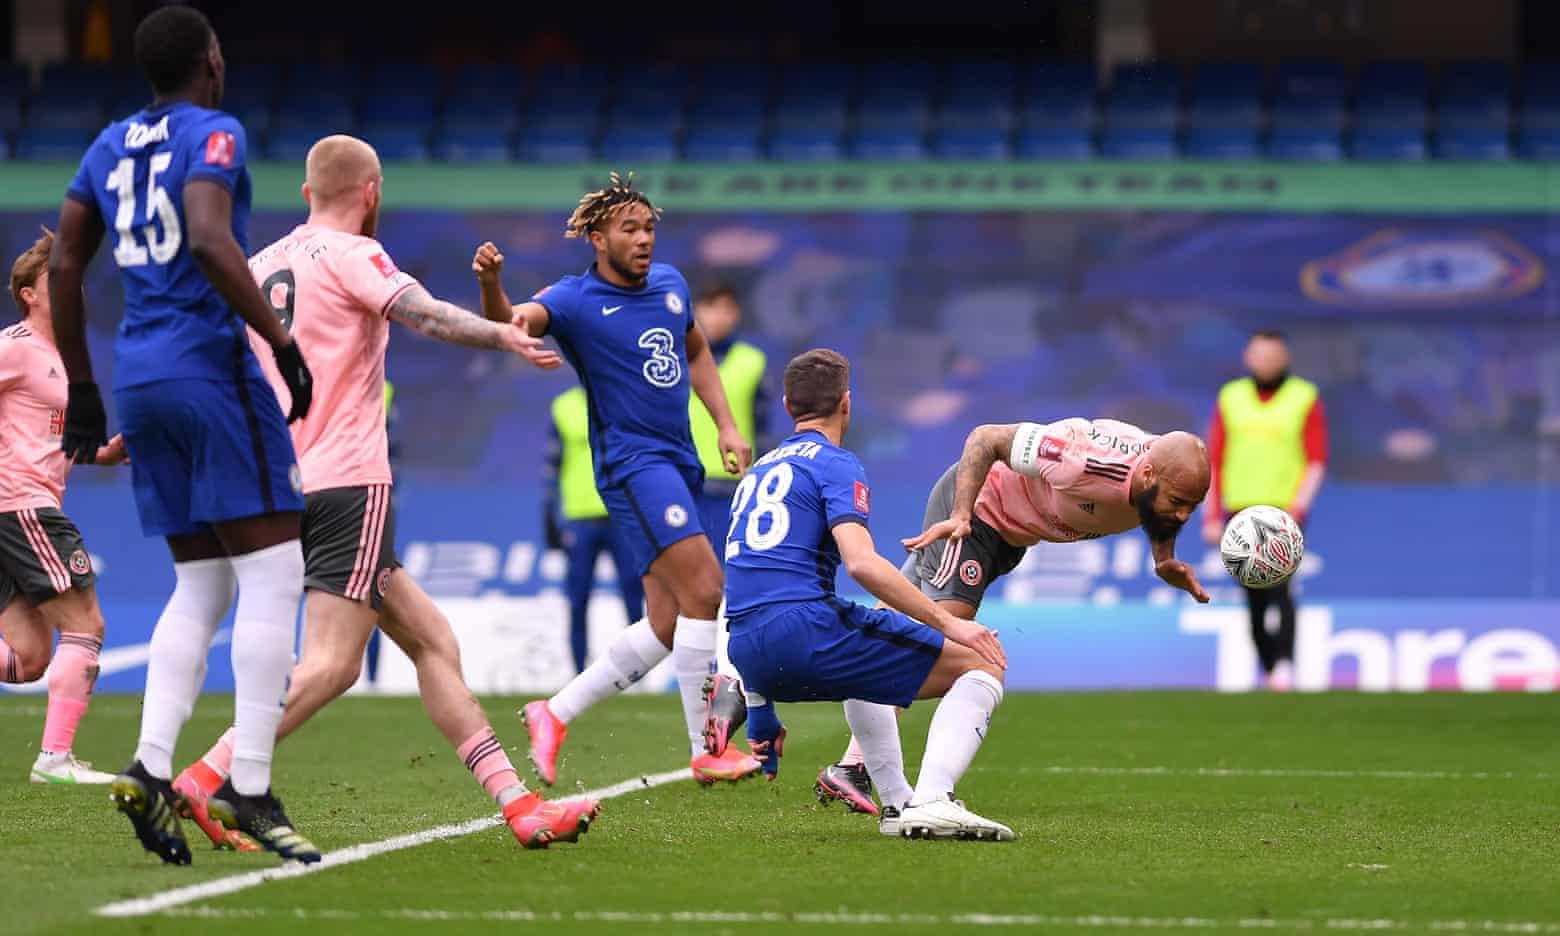 Sheffield bermain keras dan berani melawan Chelsea, tetapi tidak beruntung di depan gawang.  Foto: FA.